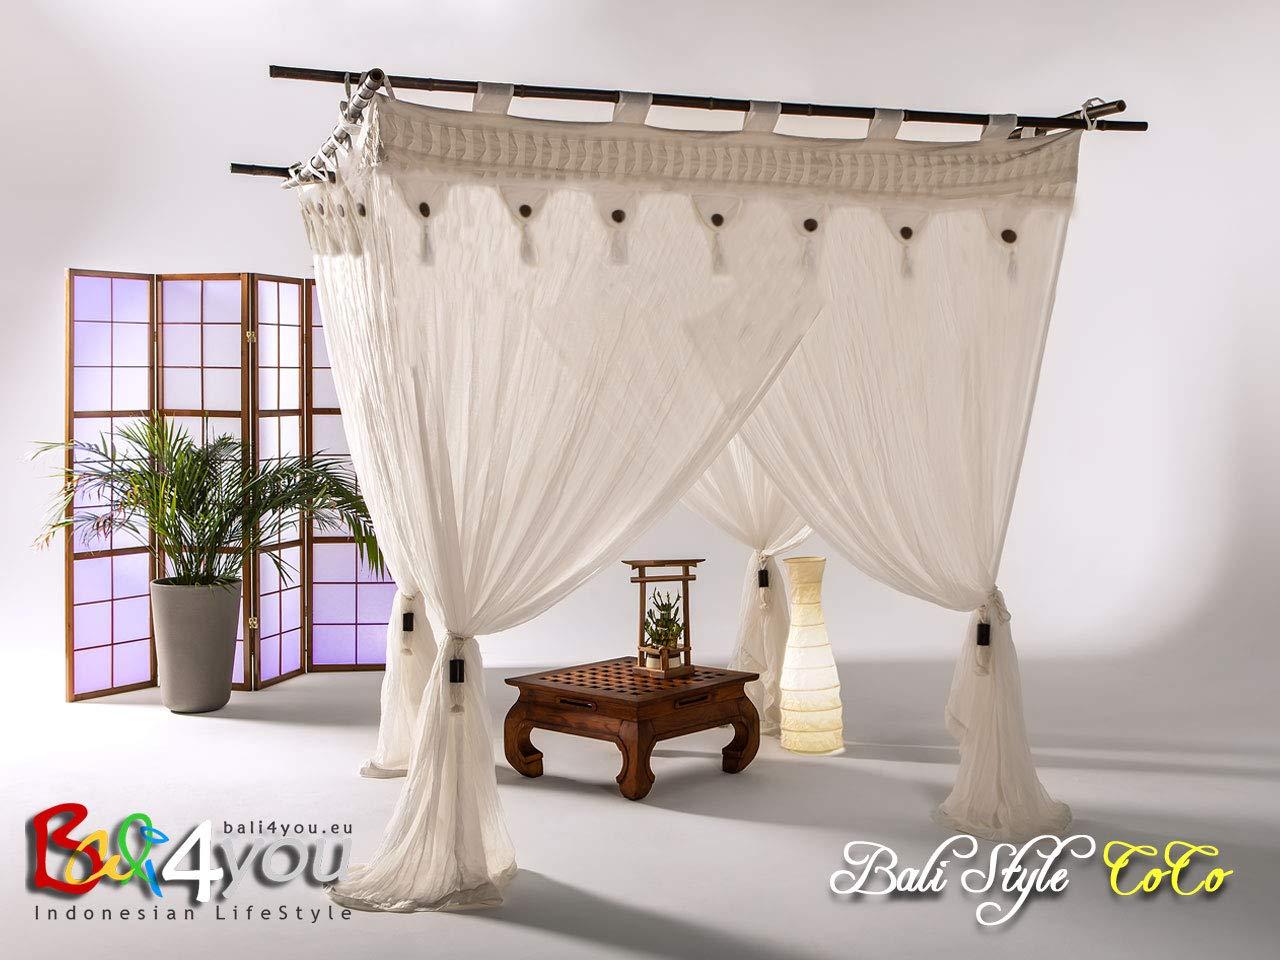 HAWK OUTDOORS Moustiquaire de Voyage en Forme de Caisse I 240 Maille moustiquaire moustiquaire moustiquaire pour lit Double